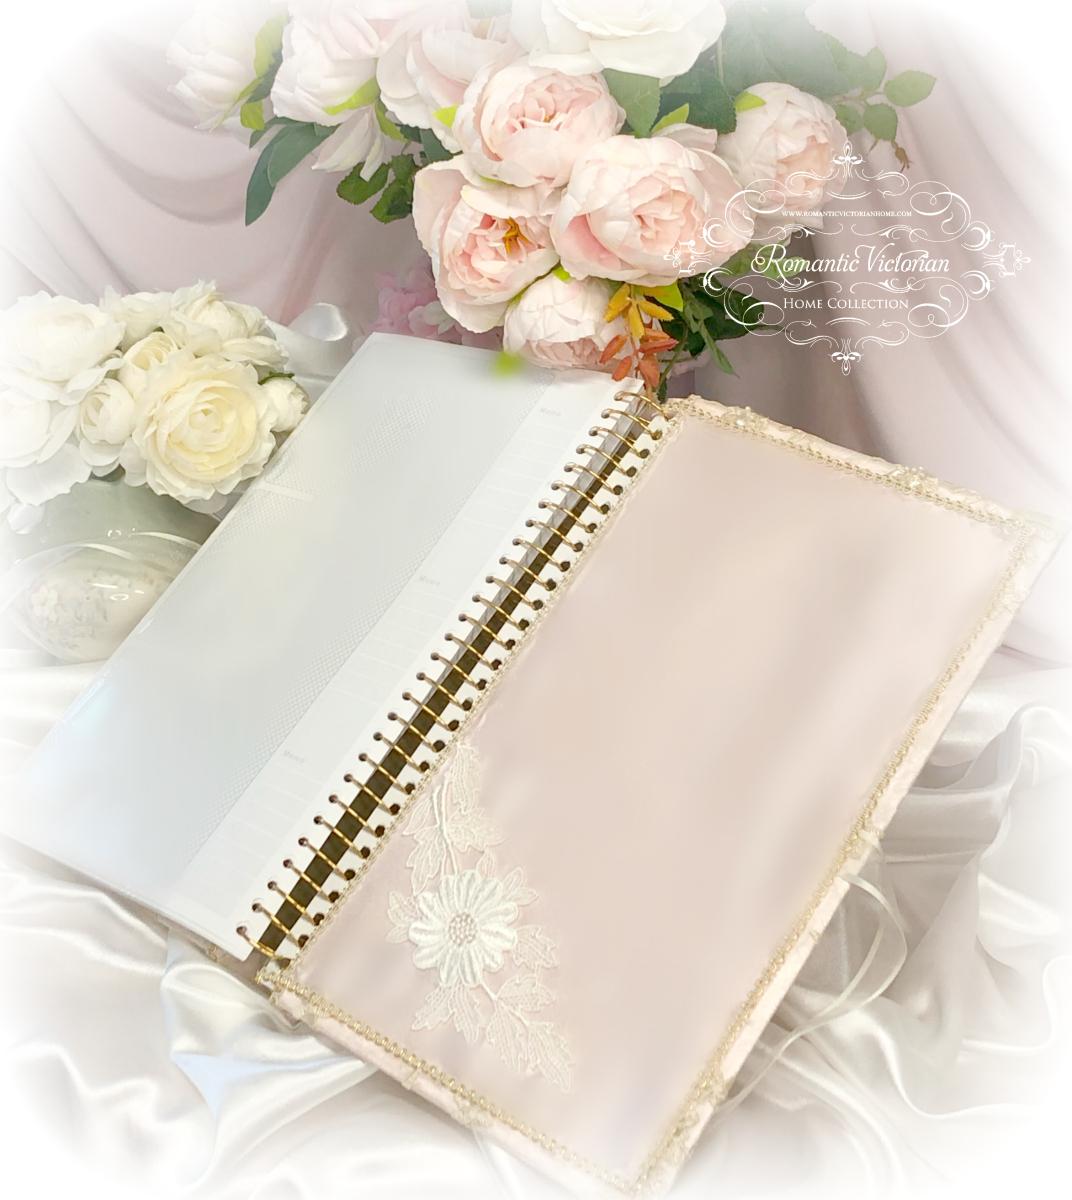 Image 3 of Large Rose Gold Romantic Victorian Photo Album